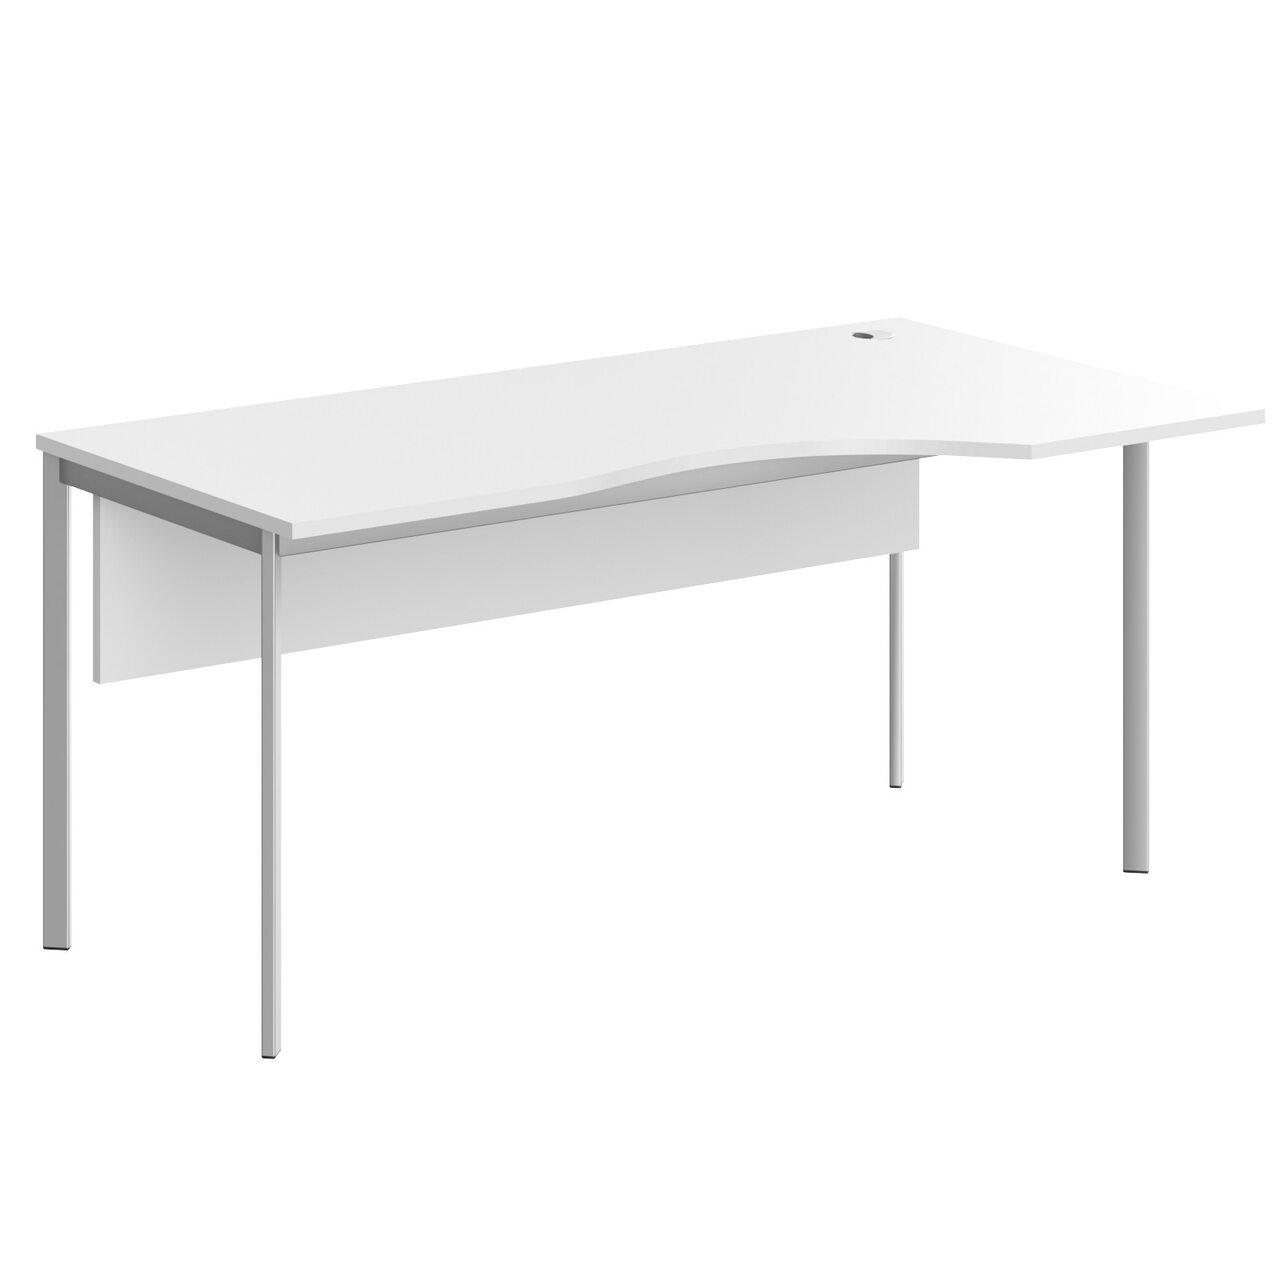 Стол эргономичный с фронтальной панелью  IMAGO-S 90x160x76 - фото 2